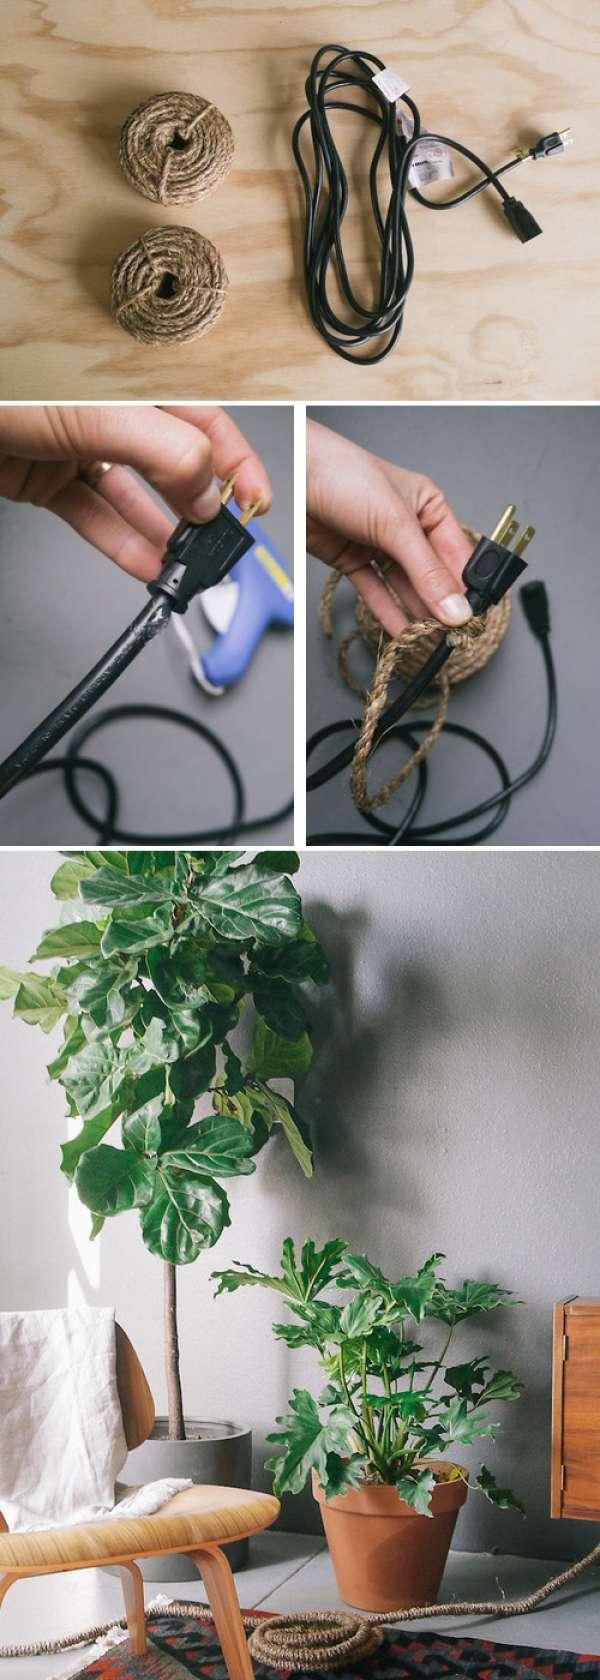 10 astuces g niales pour cacher les fils lectriques qui - Boite pour cacher les fils electriques ...